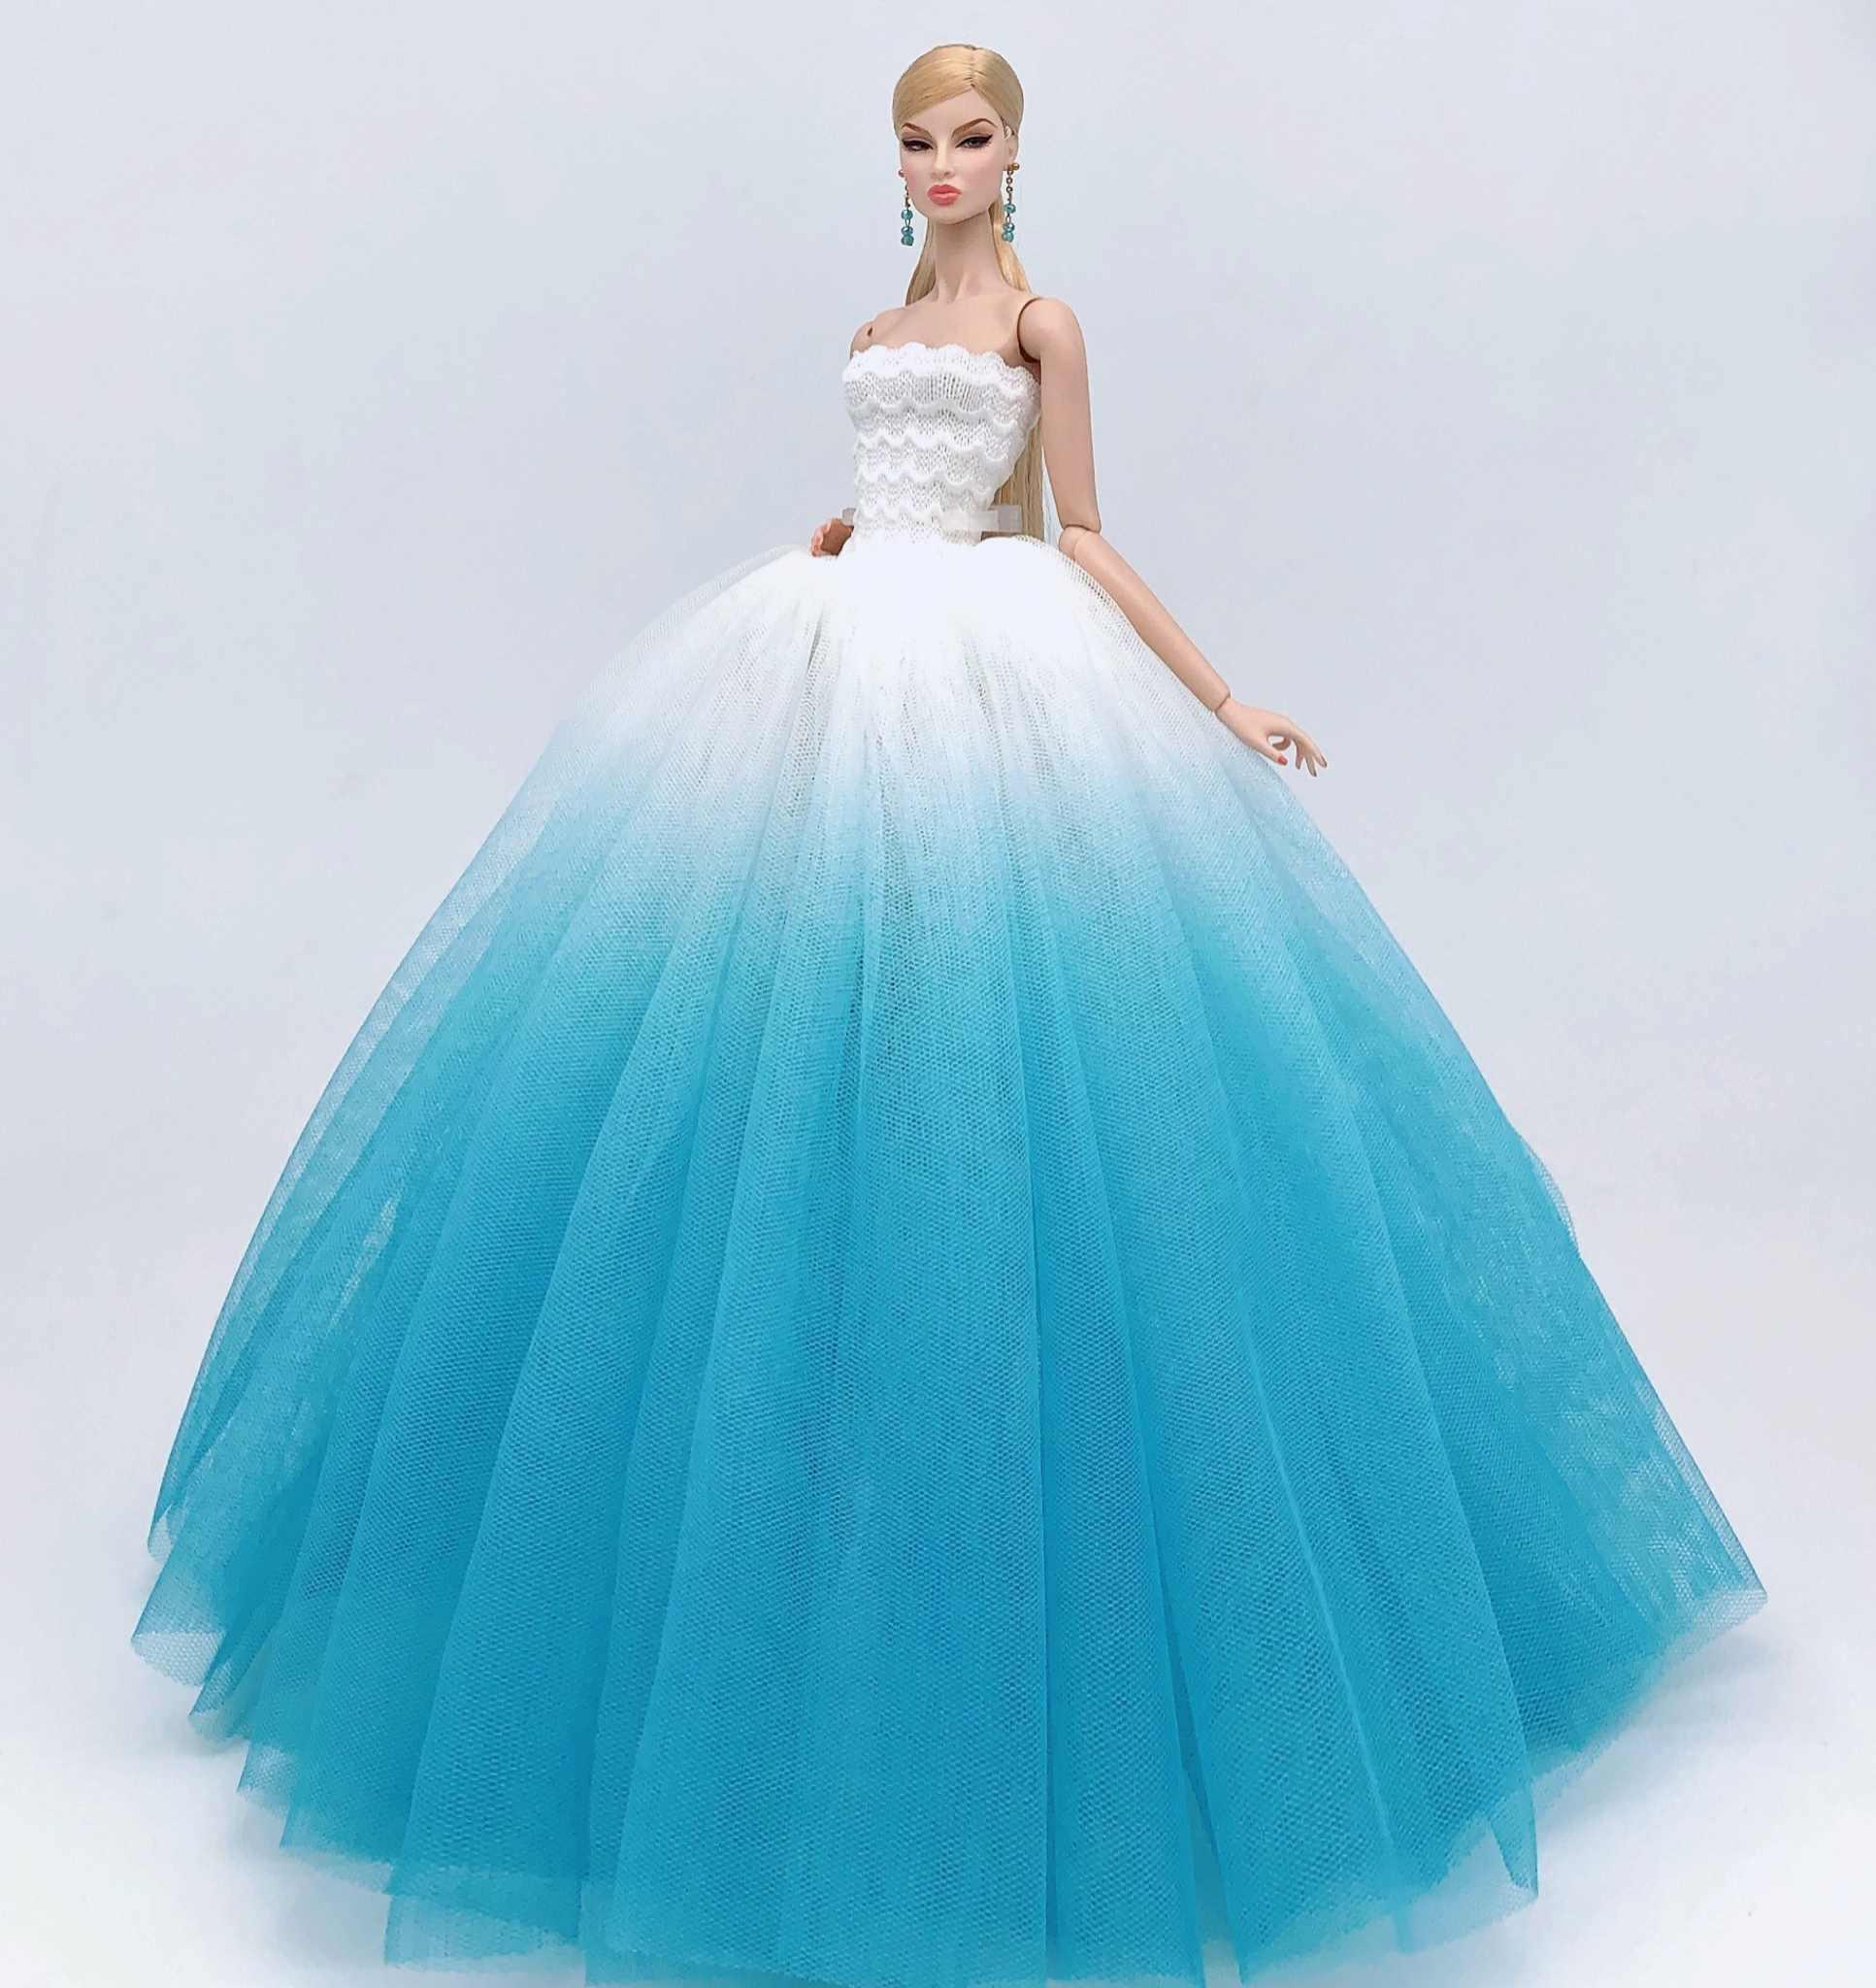 Estojo para barbie doll roupas, vestido de princesa, traje de luxo, vestido de noiva, de casamento, brinquedos fantasia, presente de aniversário